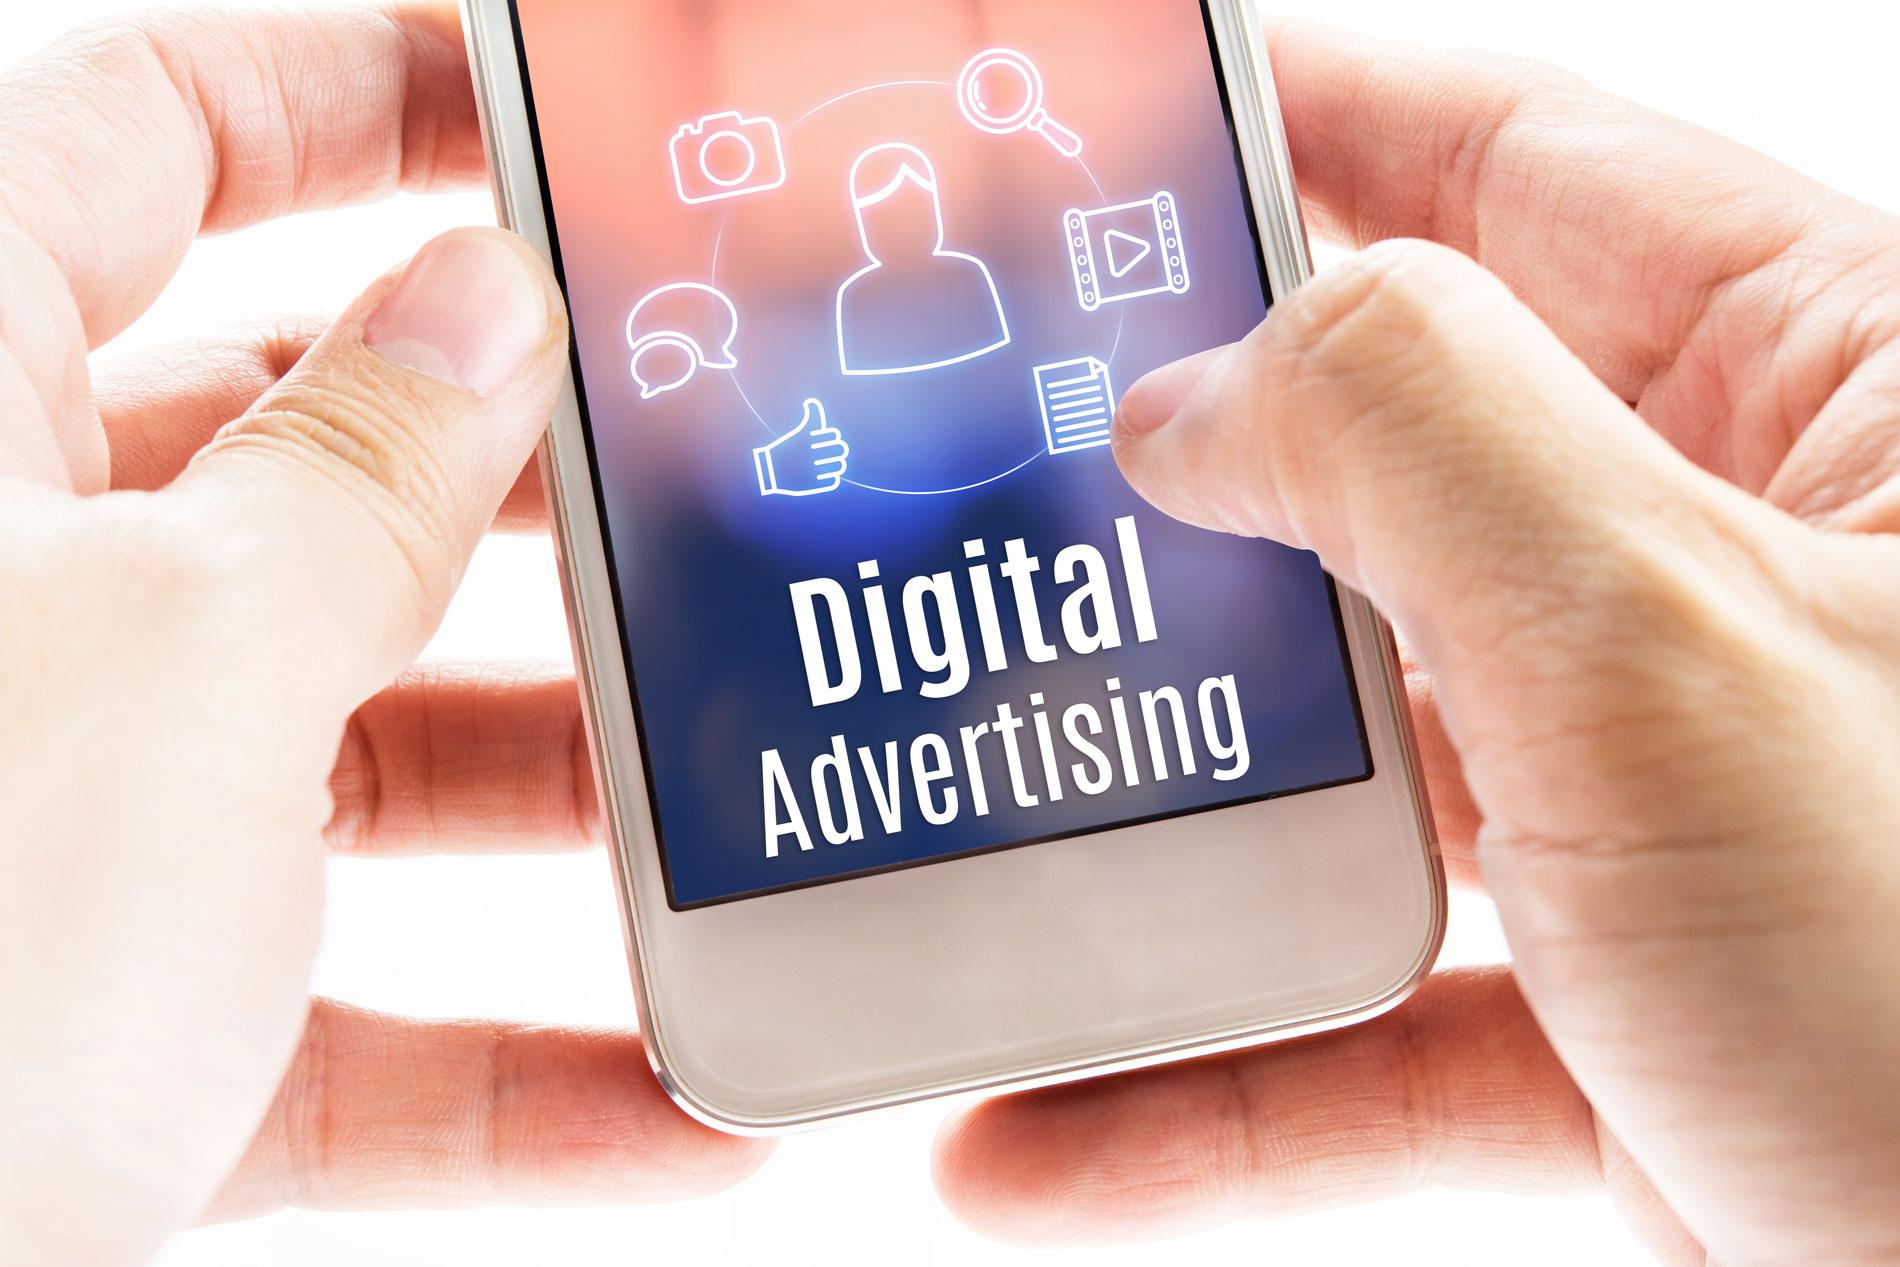 Digital Advertising on phone